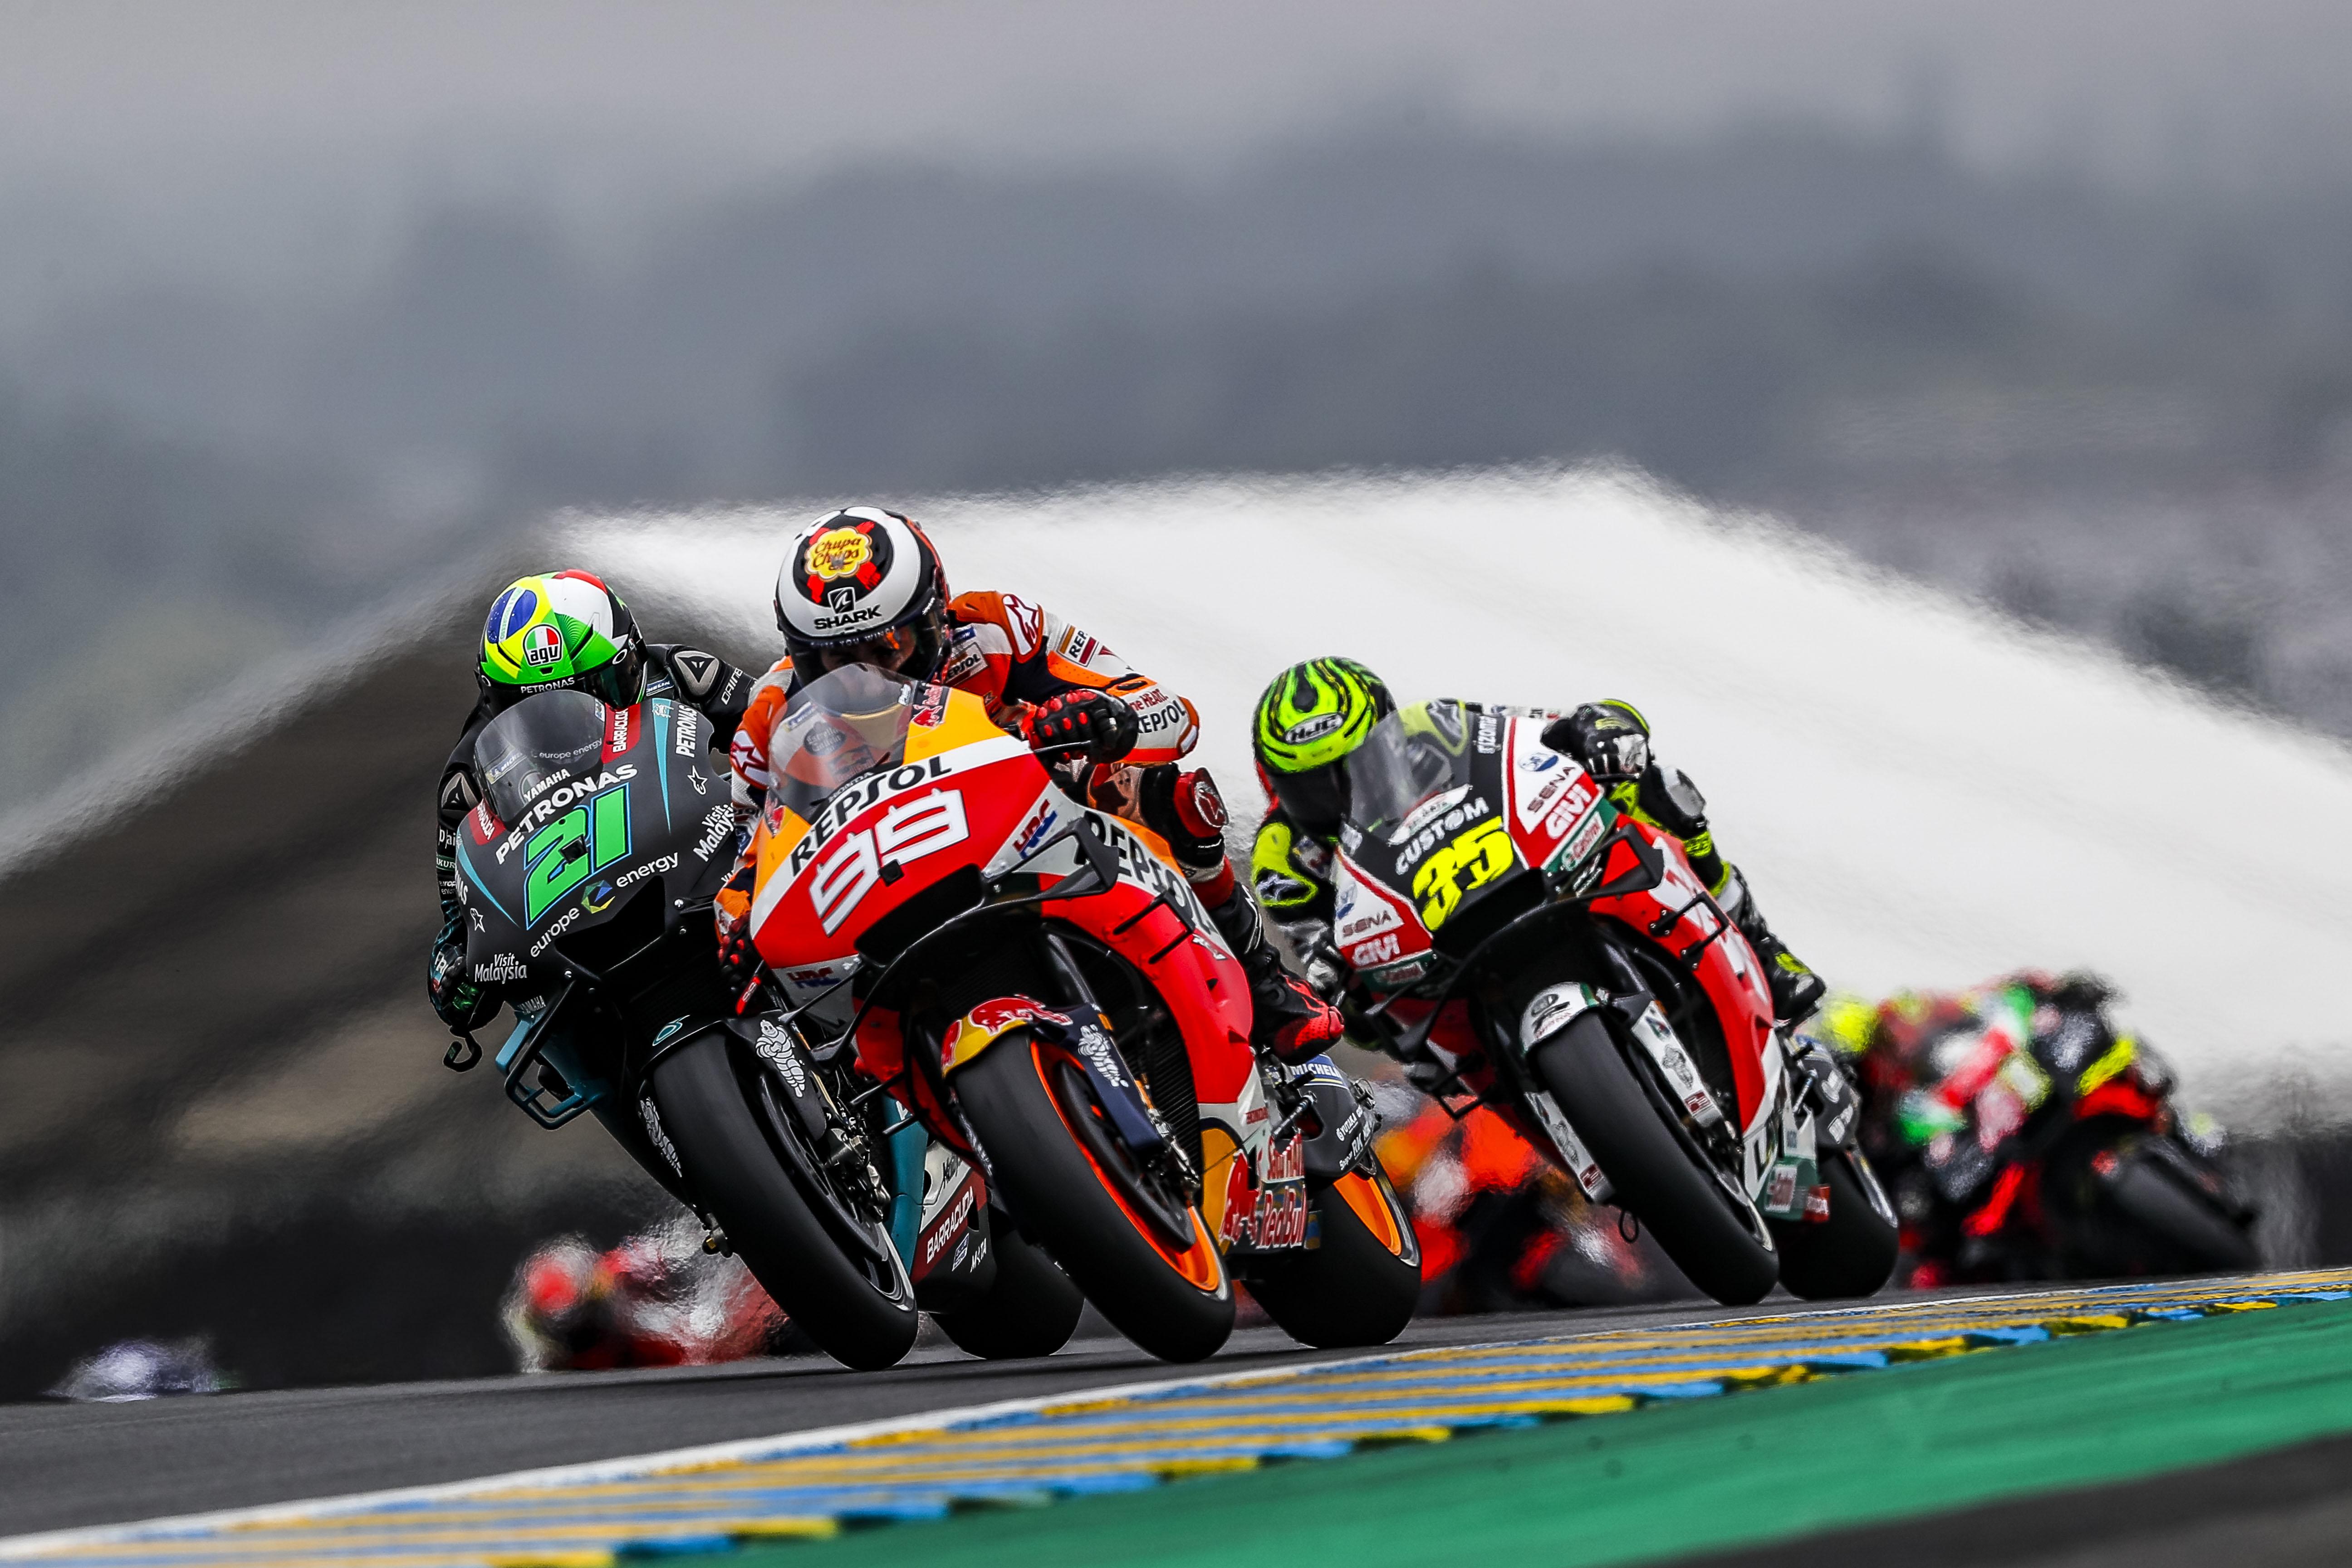 ¿Es peor el debut de Jorge Lorenzo con Honda? Comparativa con su estreno cuando saltó a Ducati